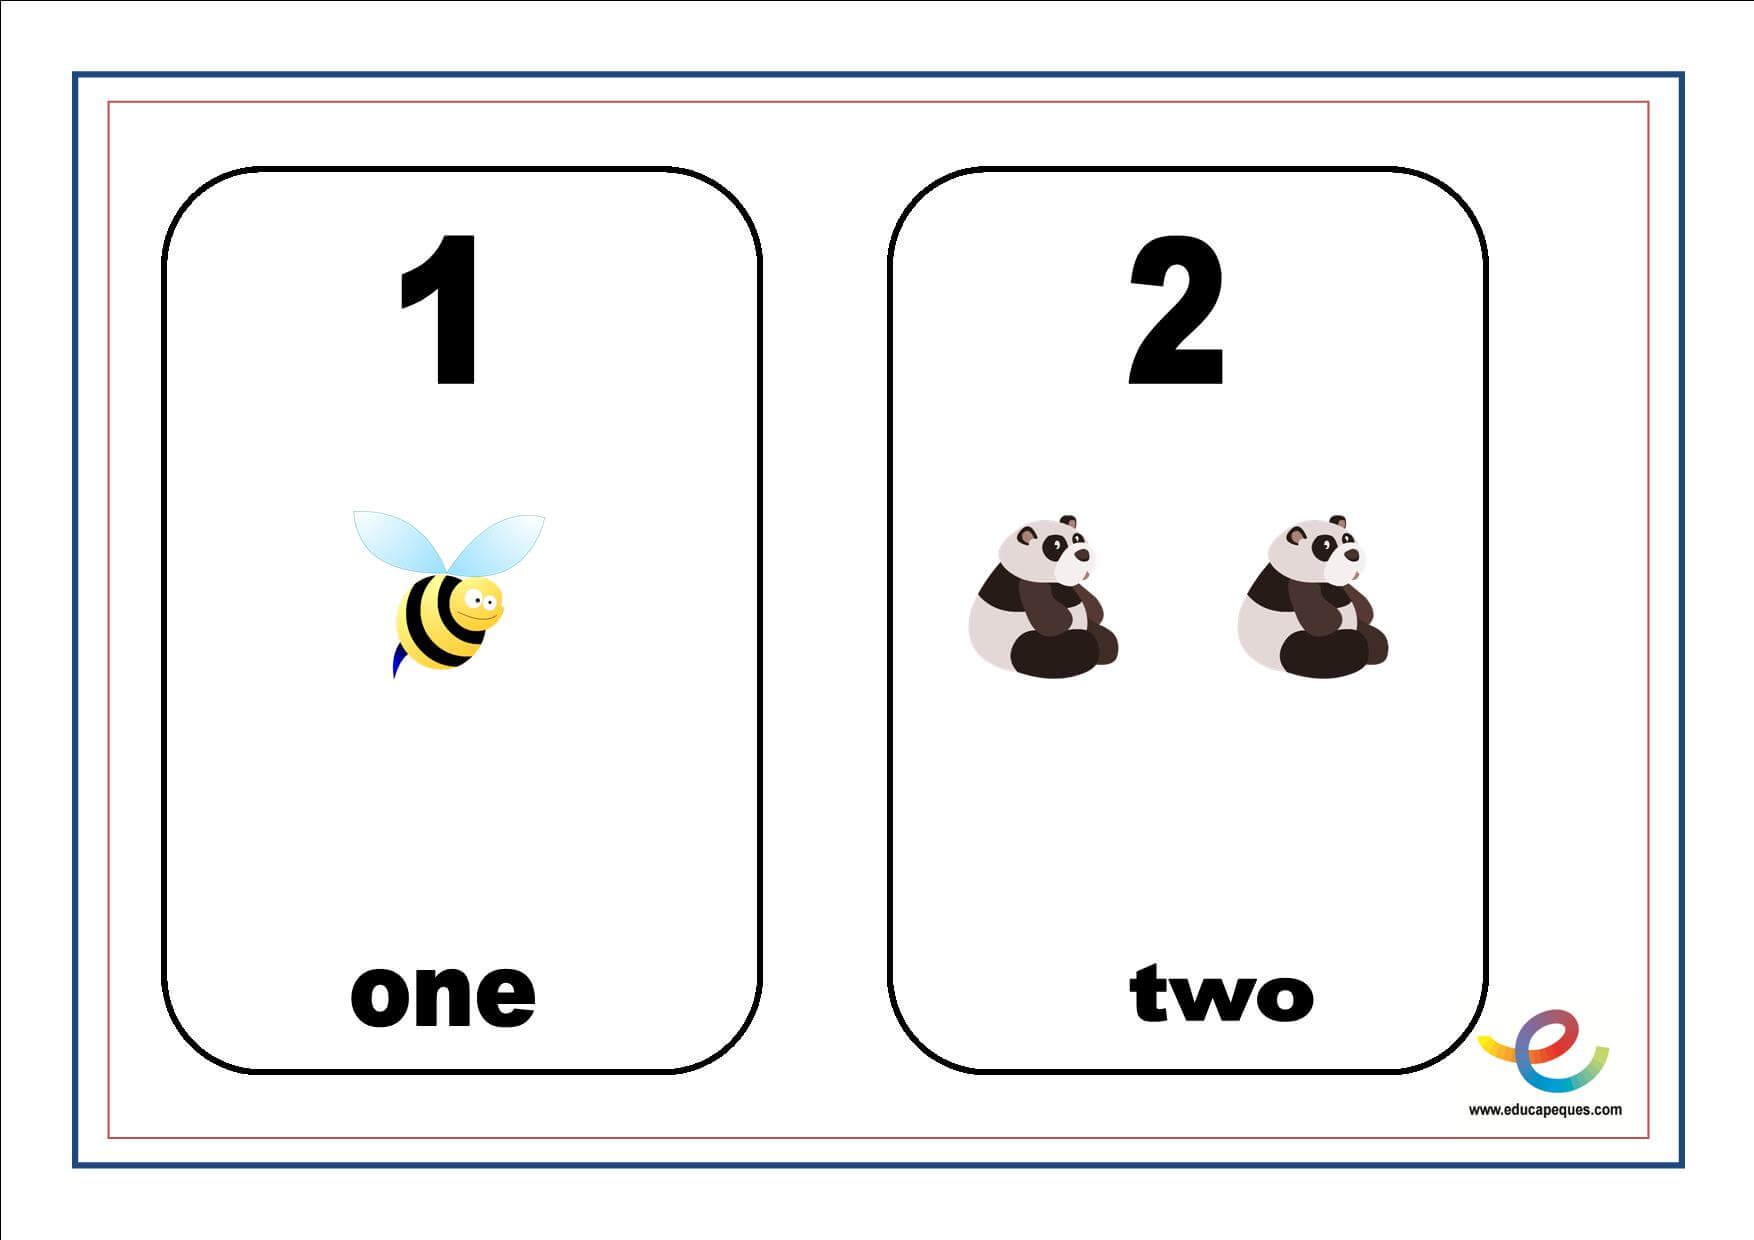 Números en inglés y castellano